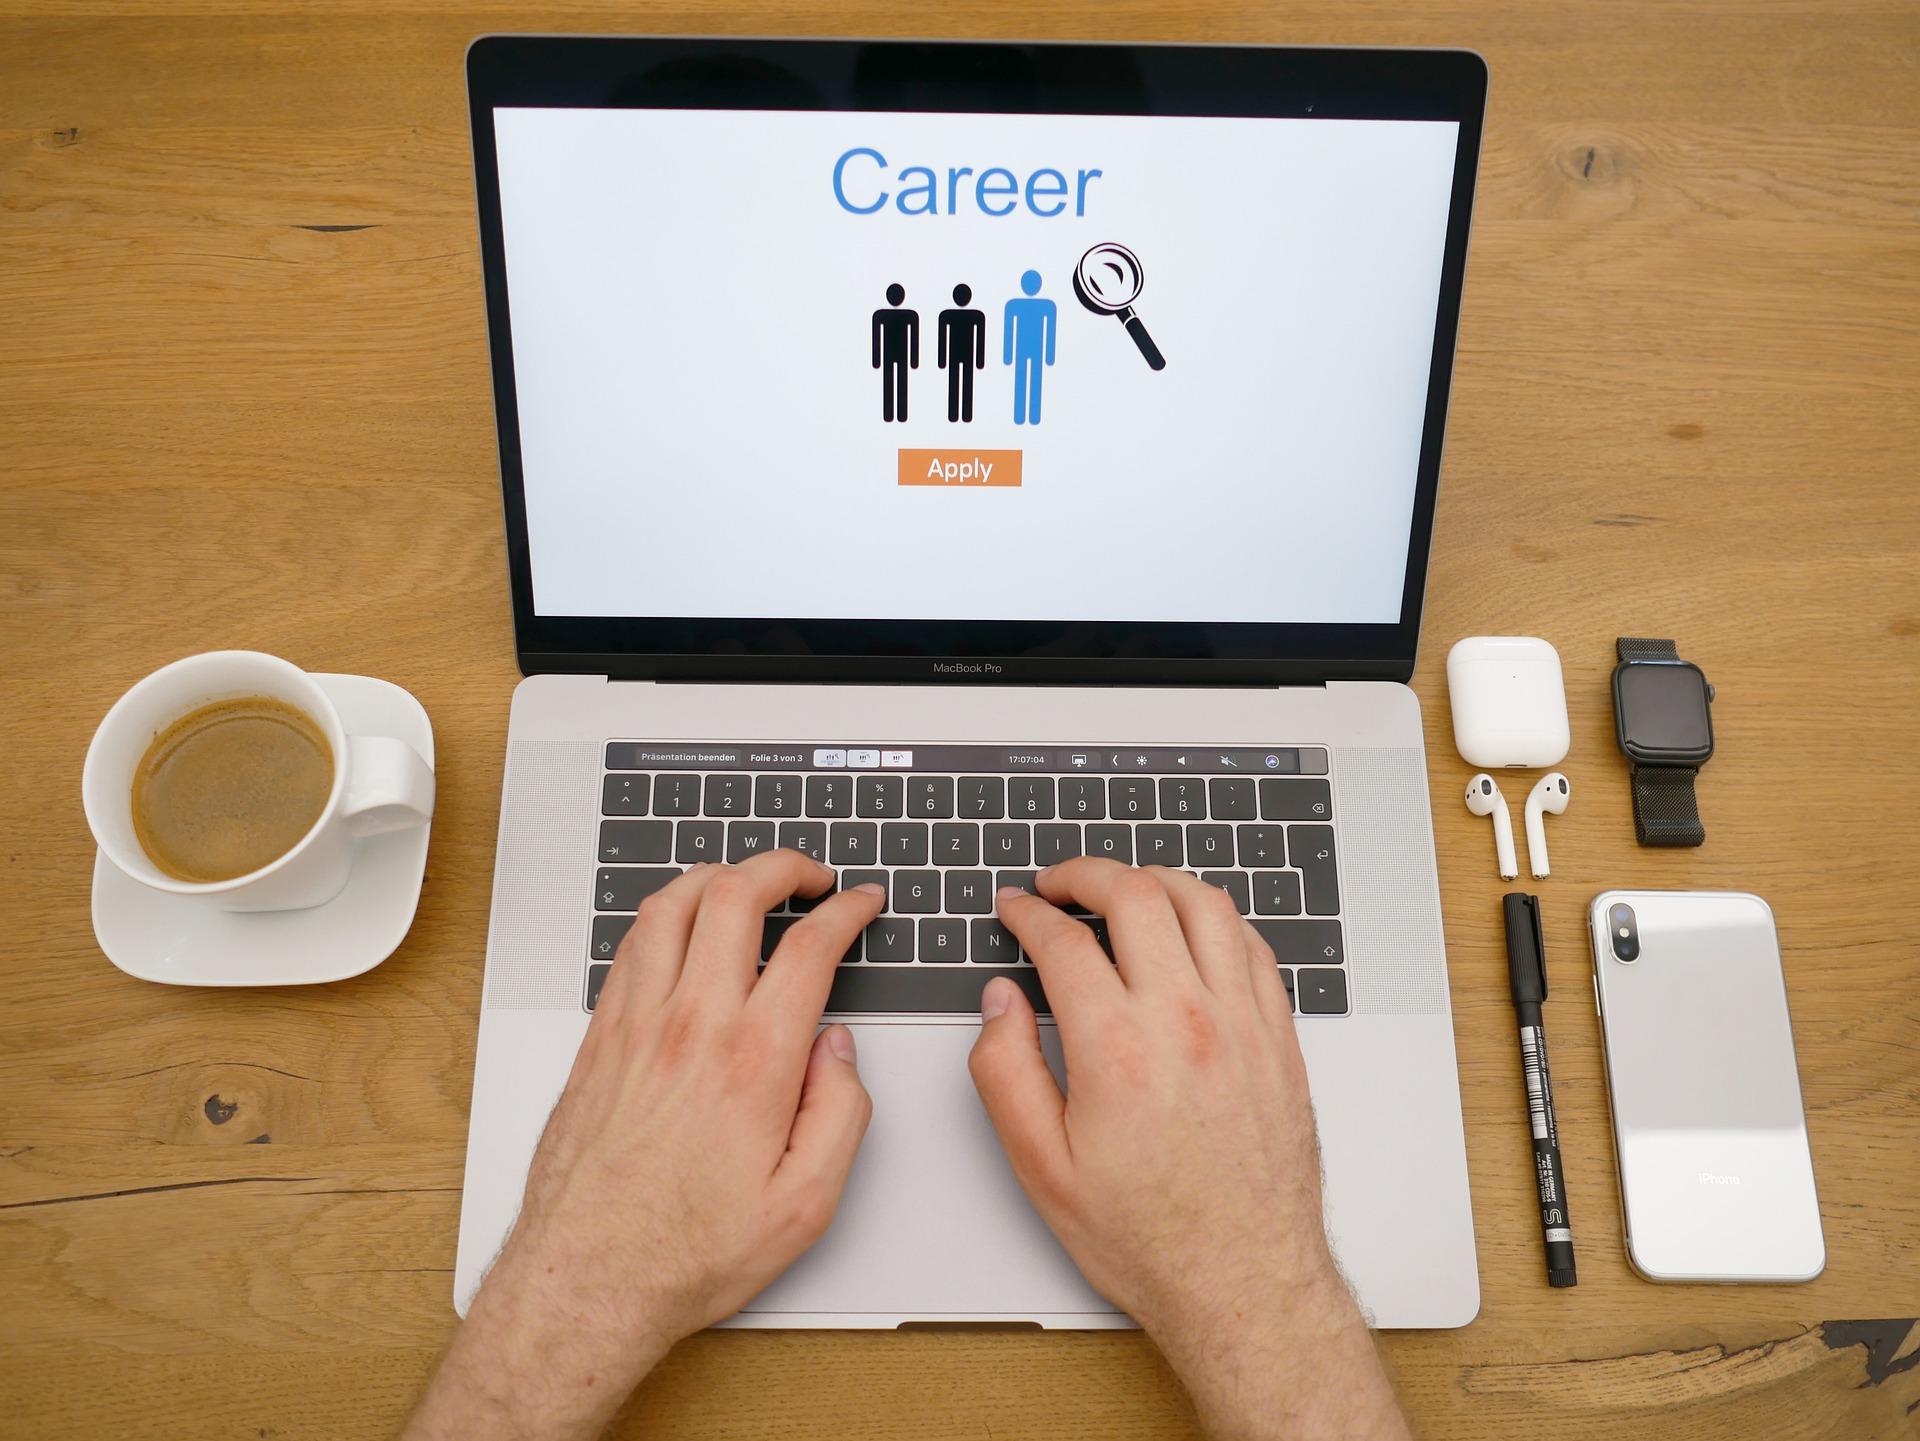 経理の自己PRポイント|経理の強みをアピールする履歴書や職務経歴書の書き方の画像1